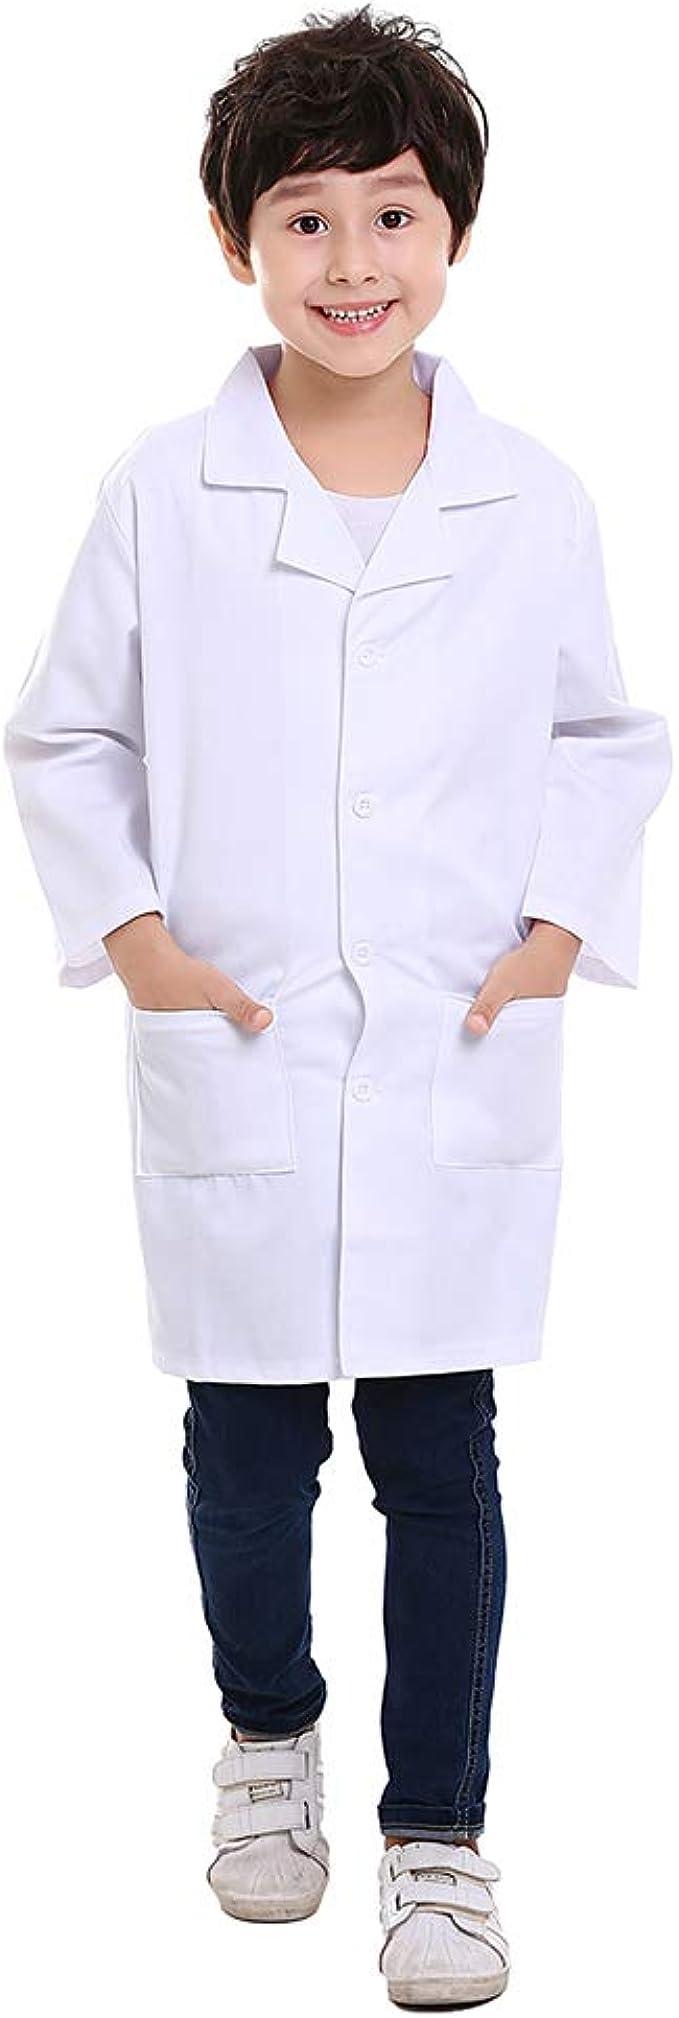 TopTie Bata de Laboratorio Blanca para Niño Disfraz de Juego de ...